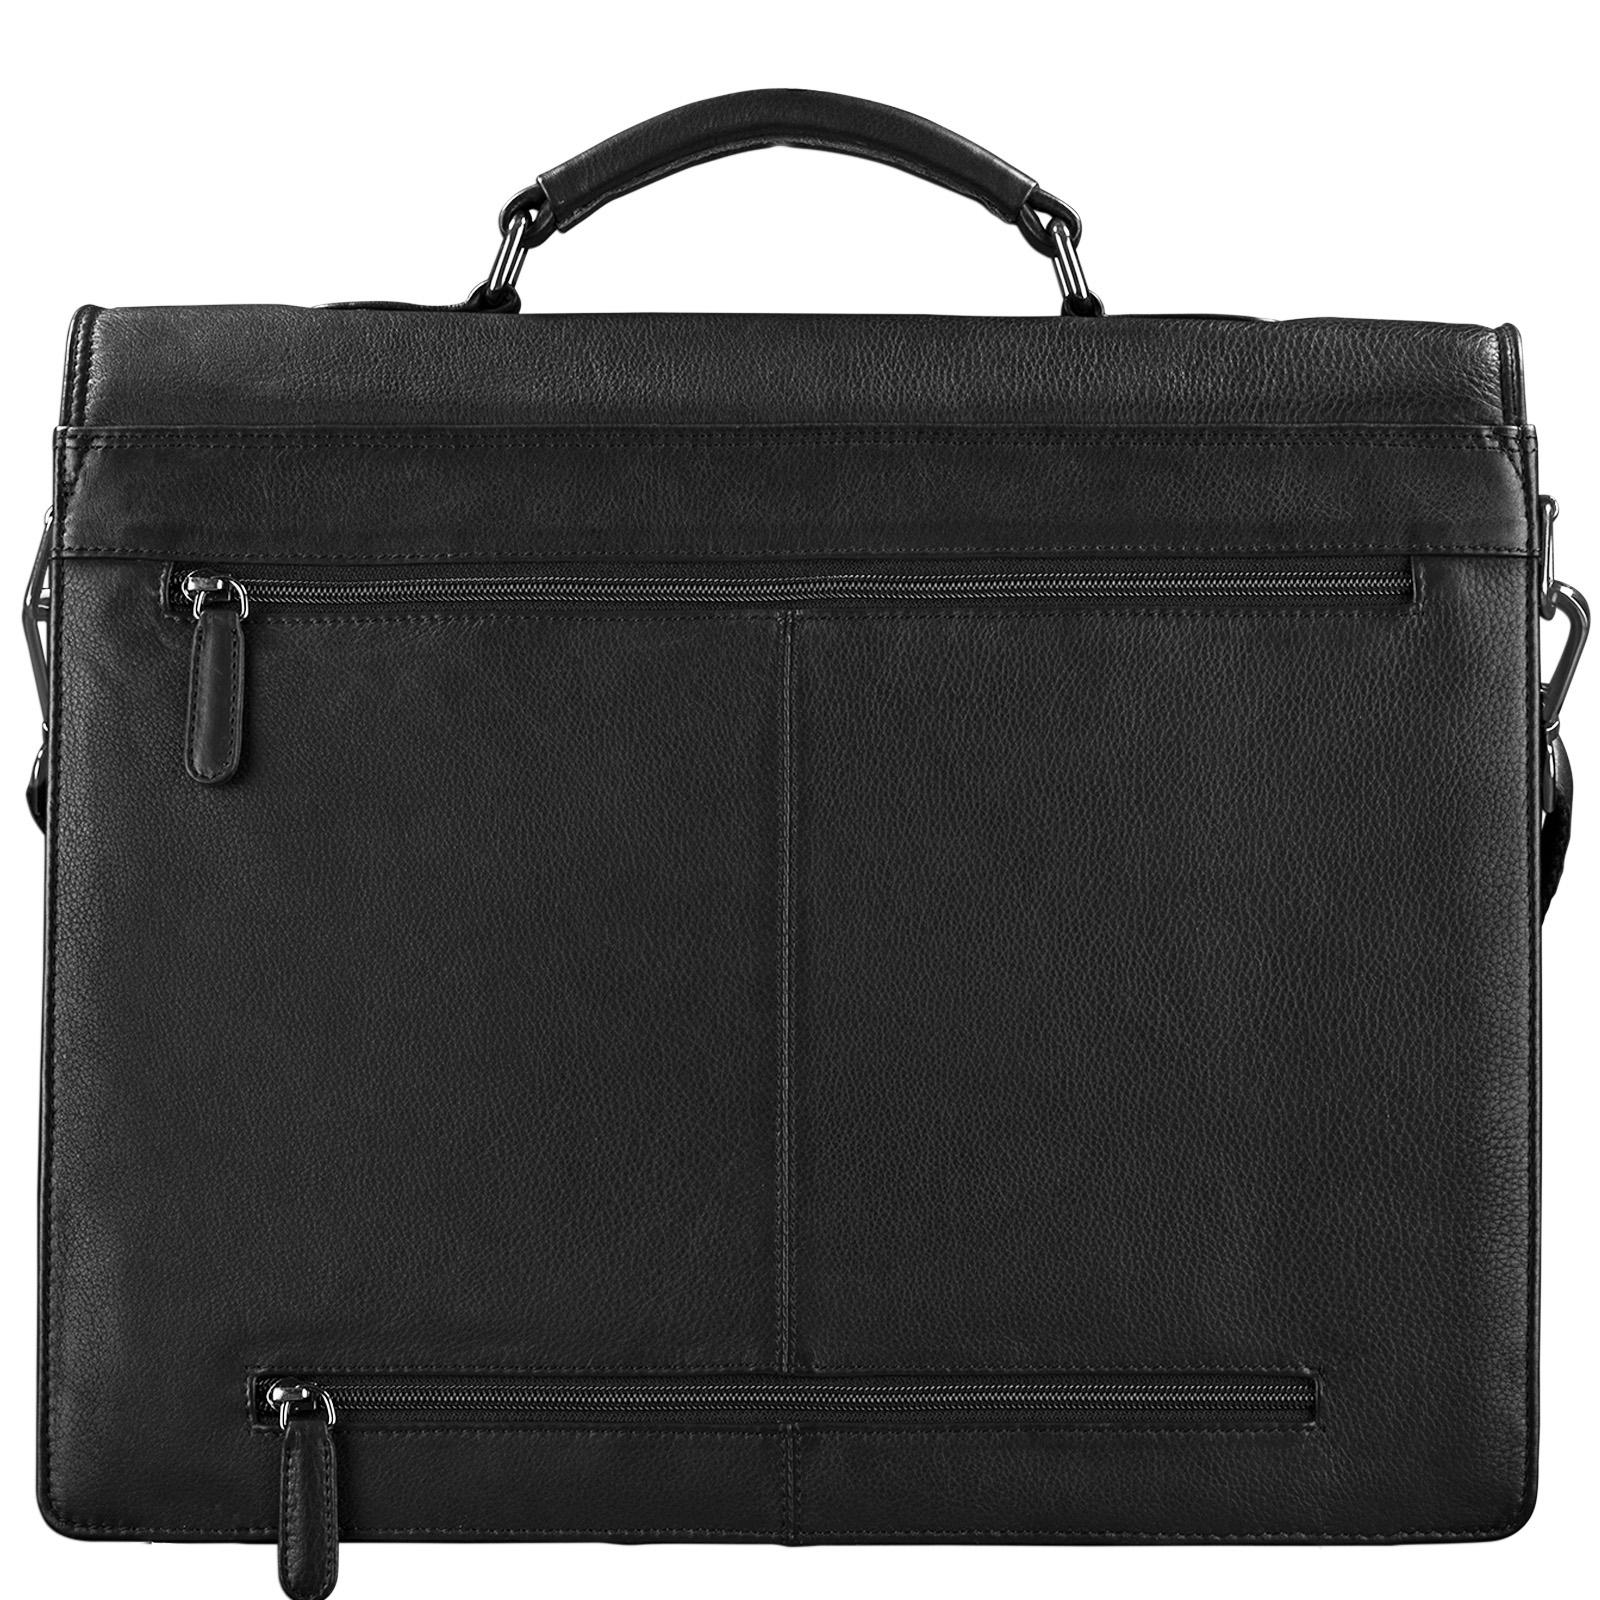 STILORD Aktentasche Leder Schwarz Businesstasche Dokumententasche Bürotasche klassisch elegant aufsteckbar echtes Rindsleder  - Bild 7